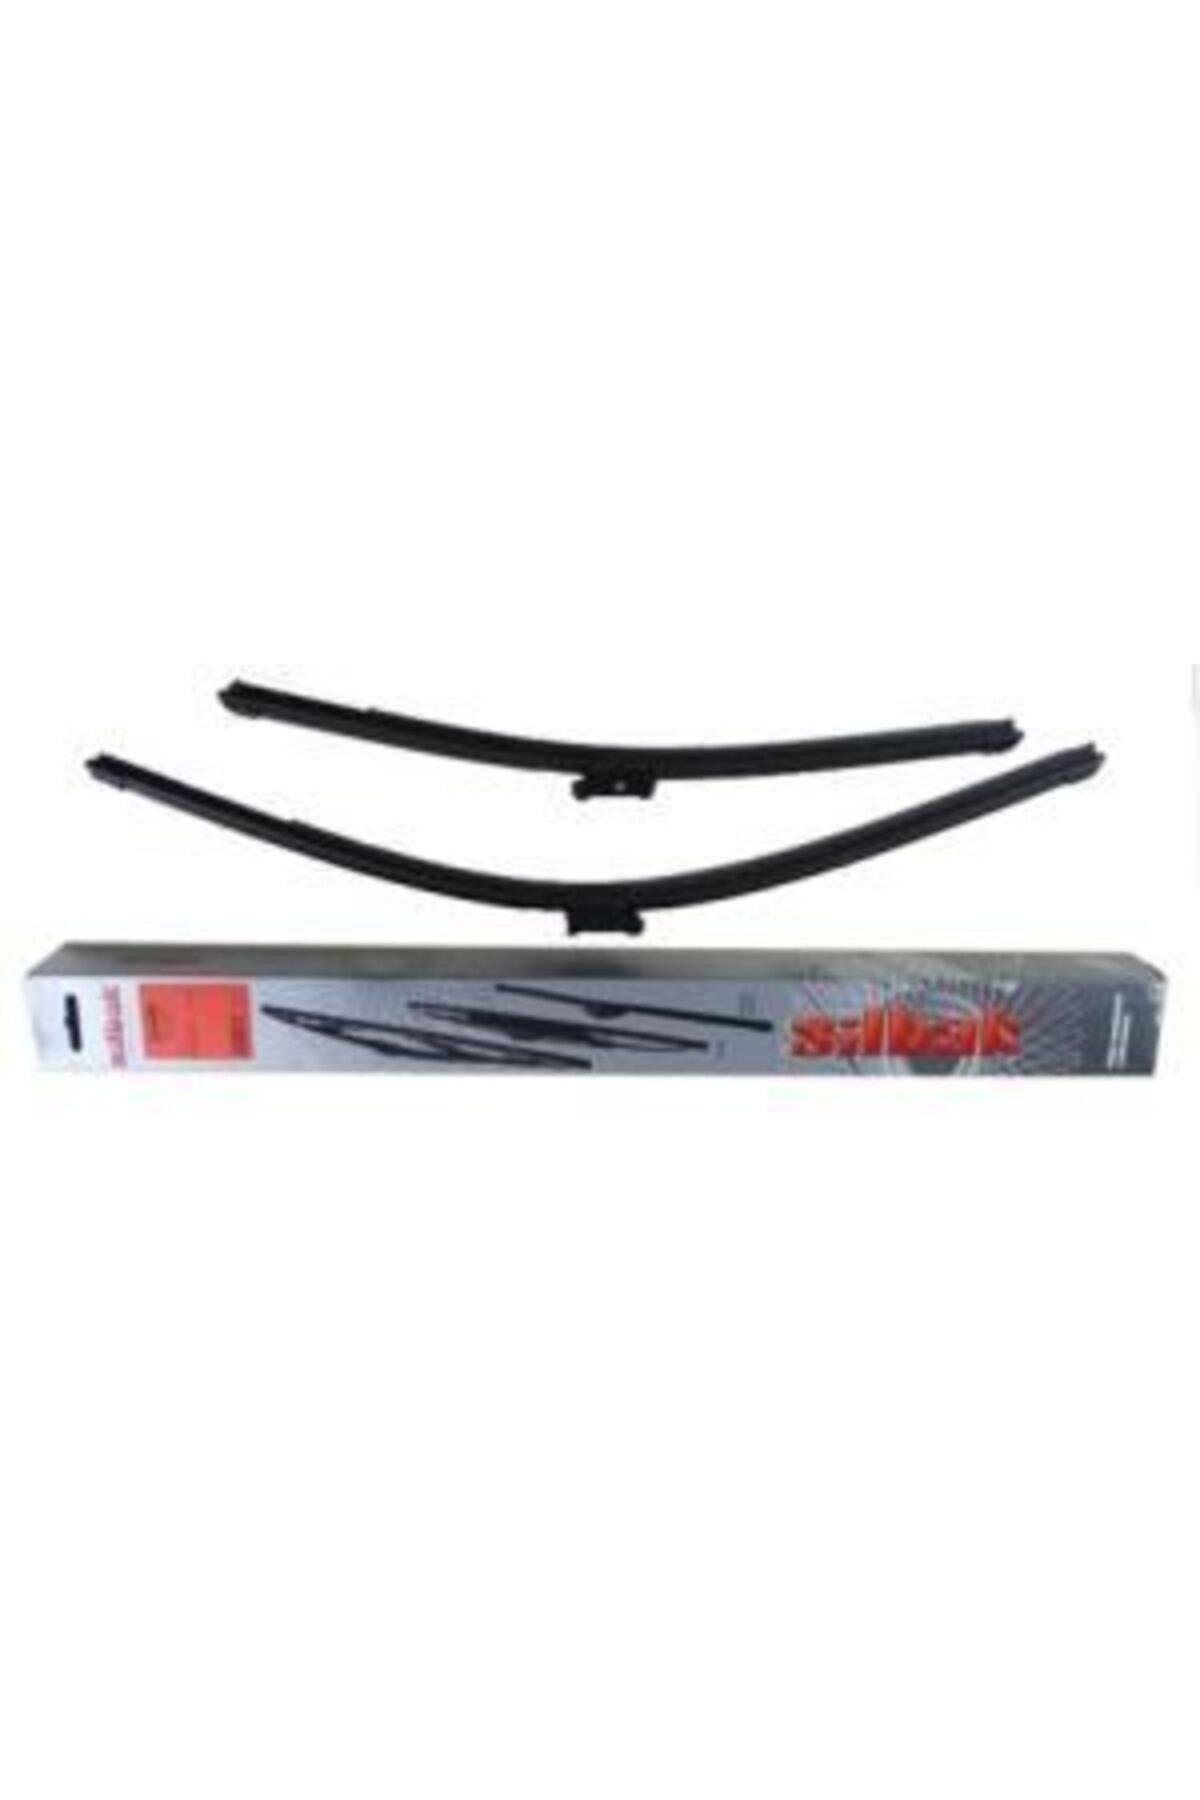 Silbak On Cam Sılecek Supurgesı Sag / Sol (800 / 680mm] 3008-5008 09-16 2